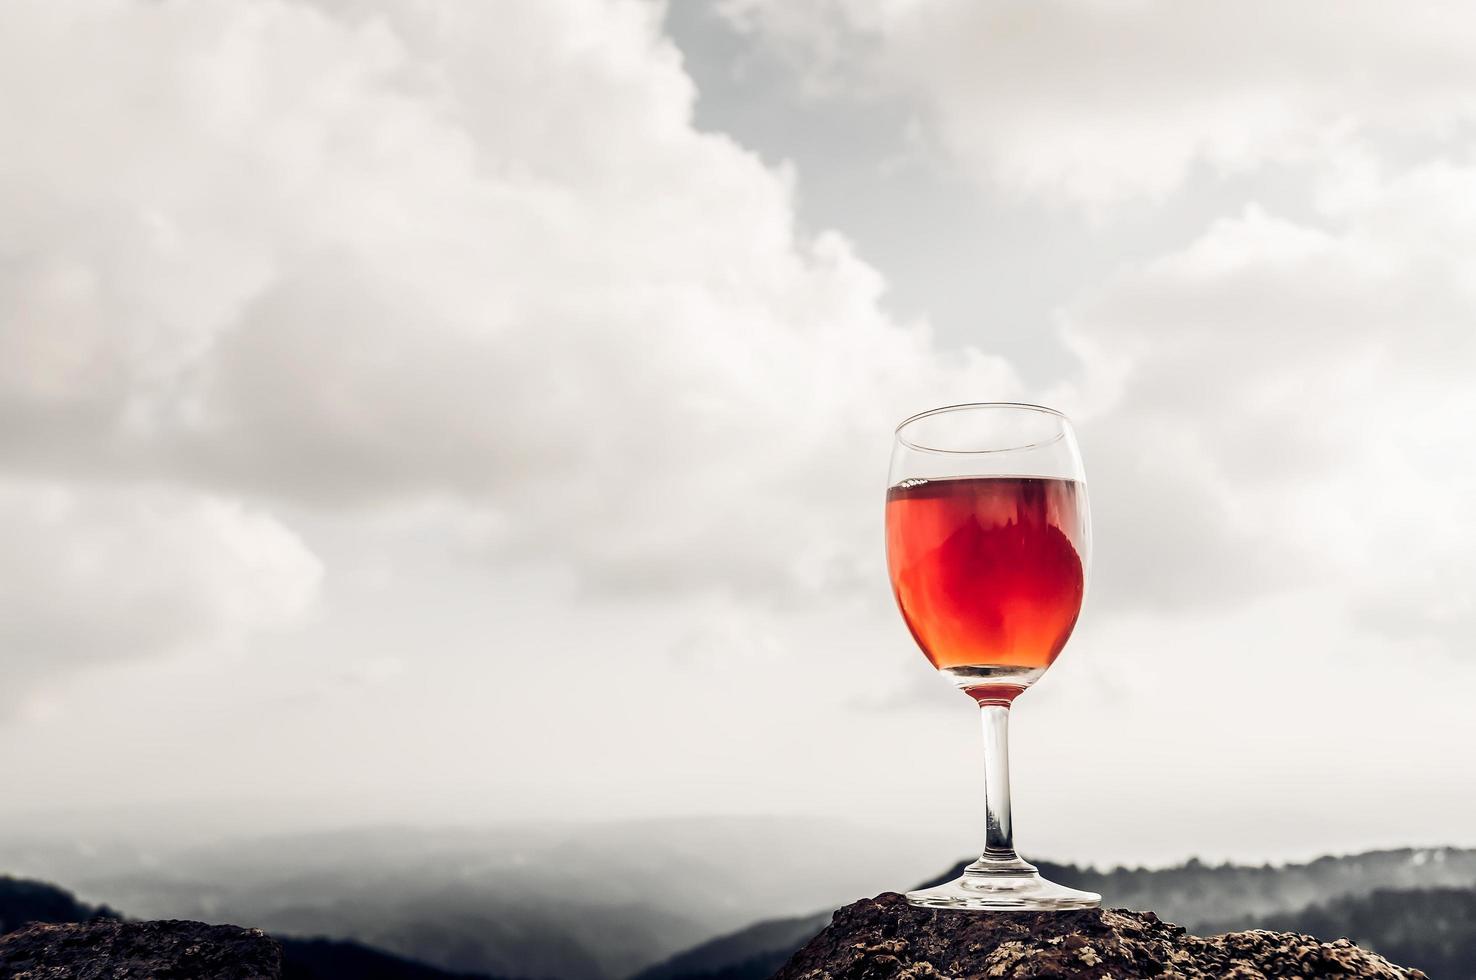 un verre de vin rosé devant un paysage montagneux photo